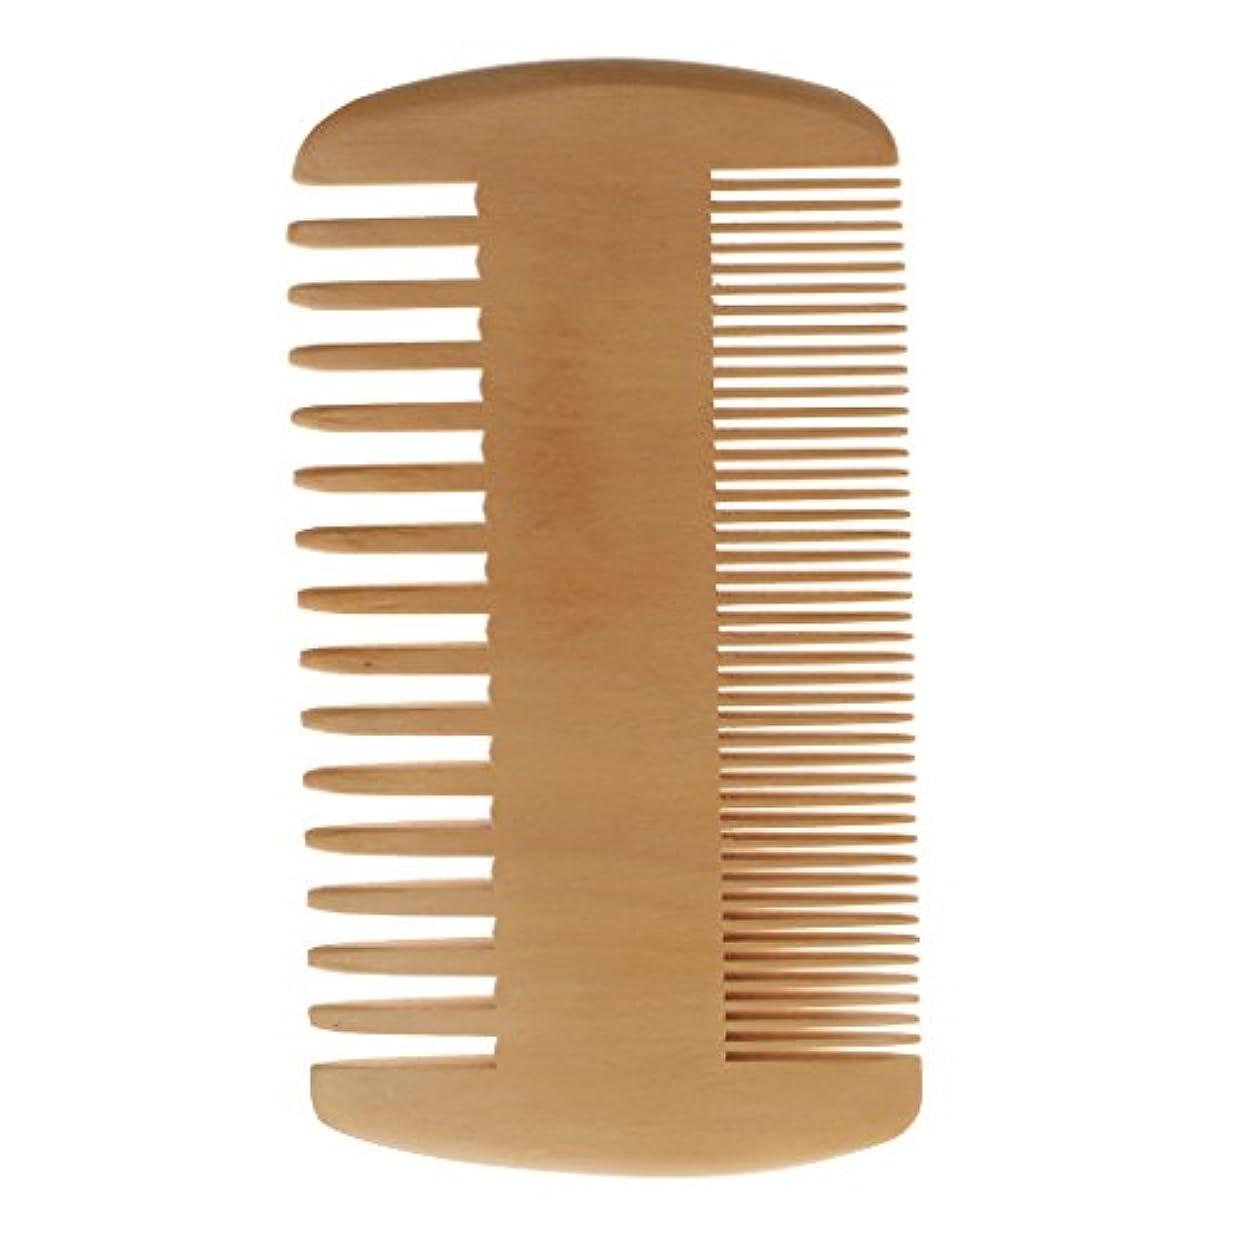 収縮圧縮失業ポケットコーム 木製コーム 木製櫛 ヘアダイコーム ヘアブラシ 2倍 密度 歯 携帯 便利